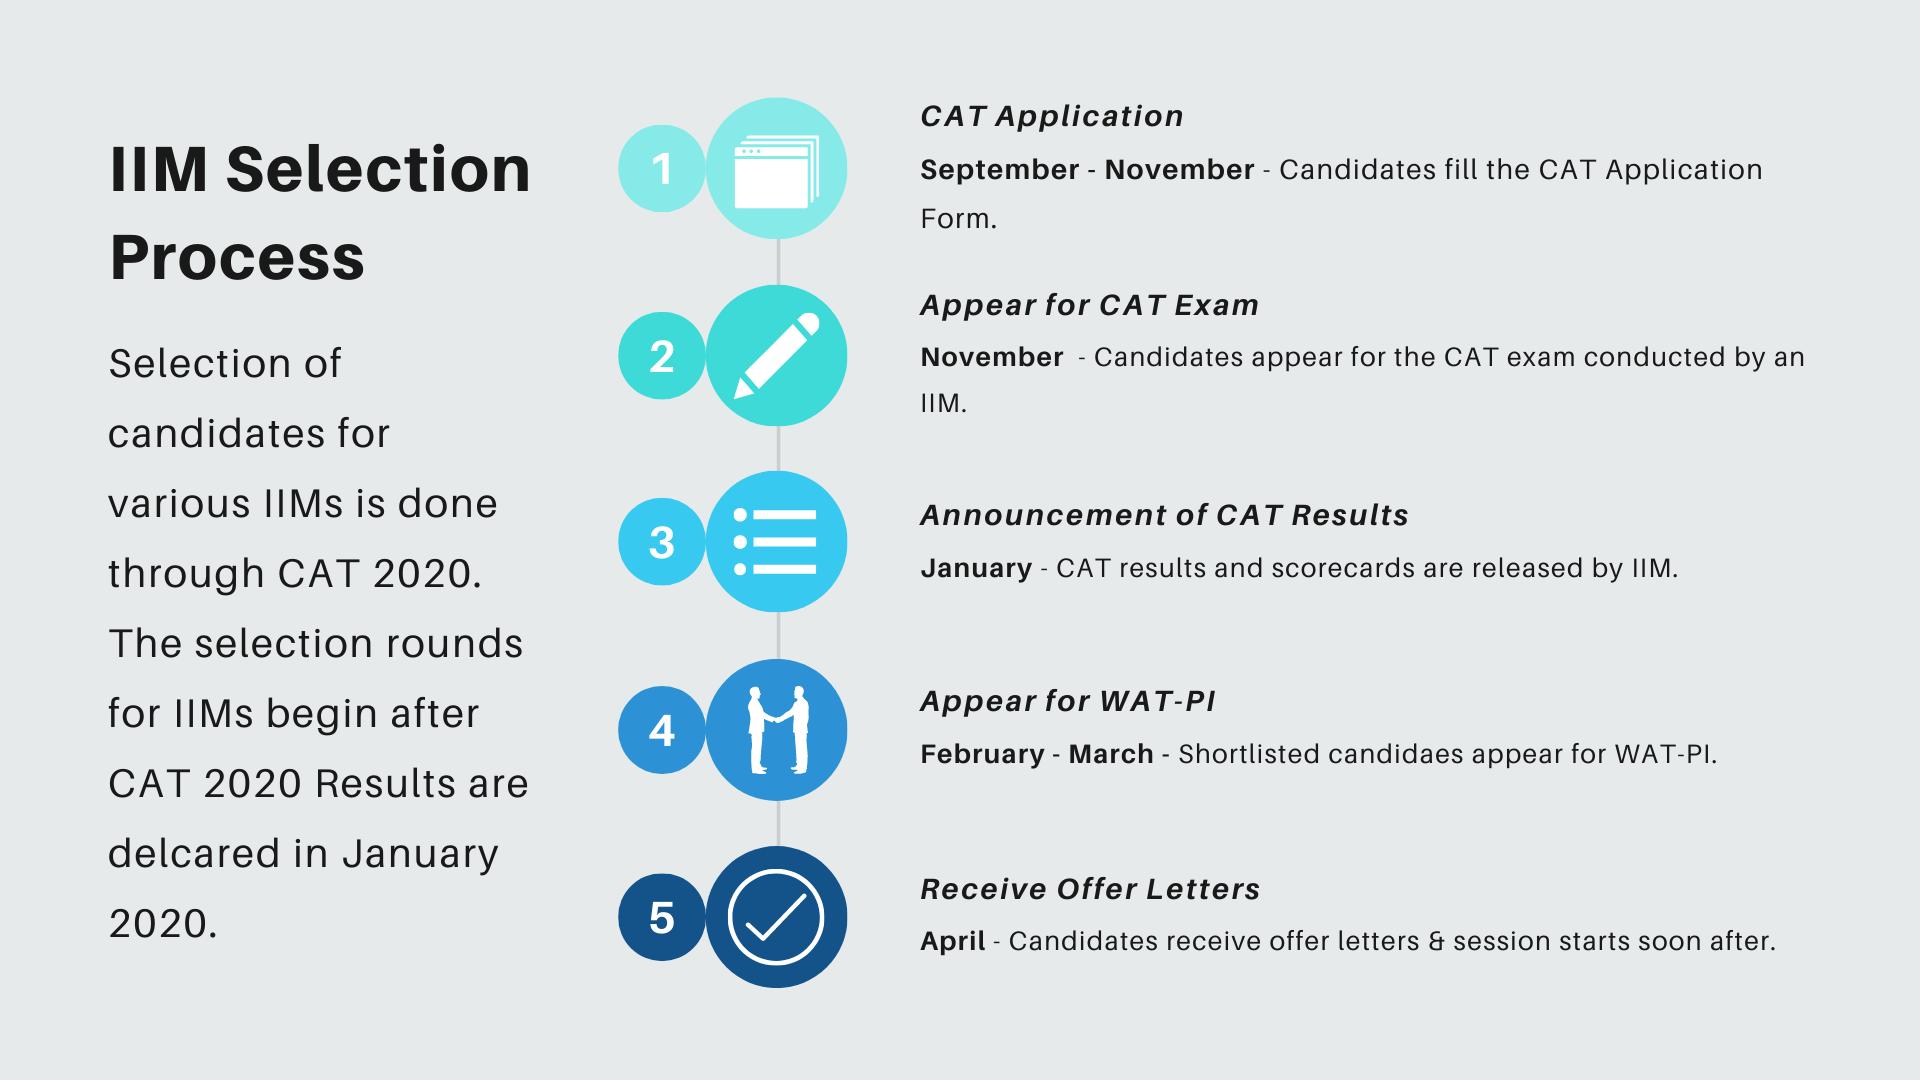 IIM Selection Process Through CAT 2020